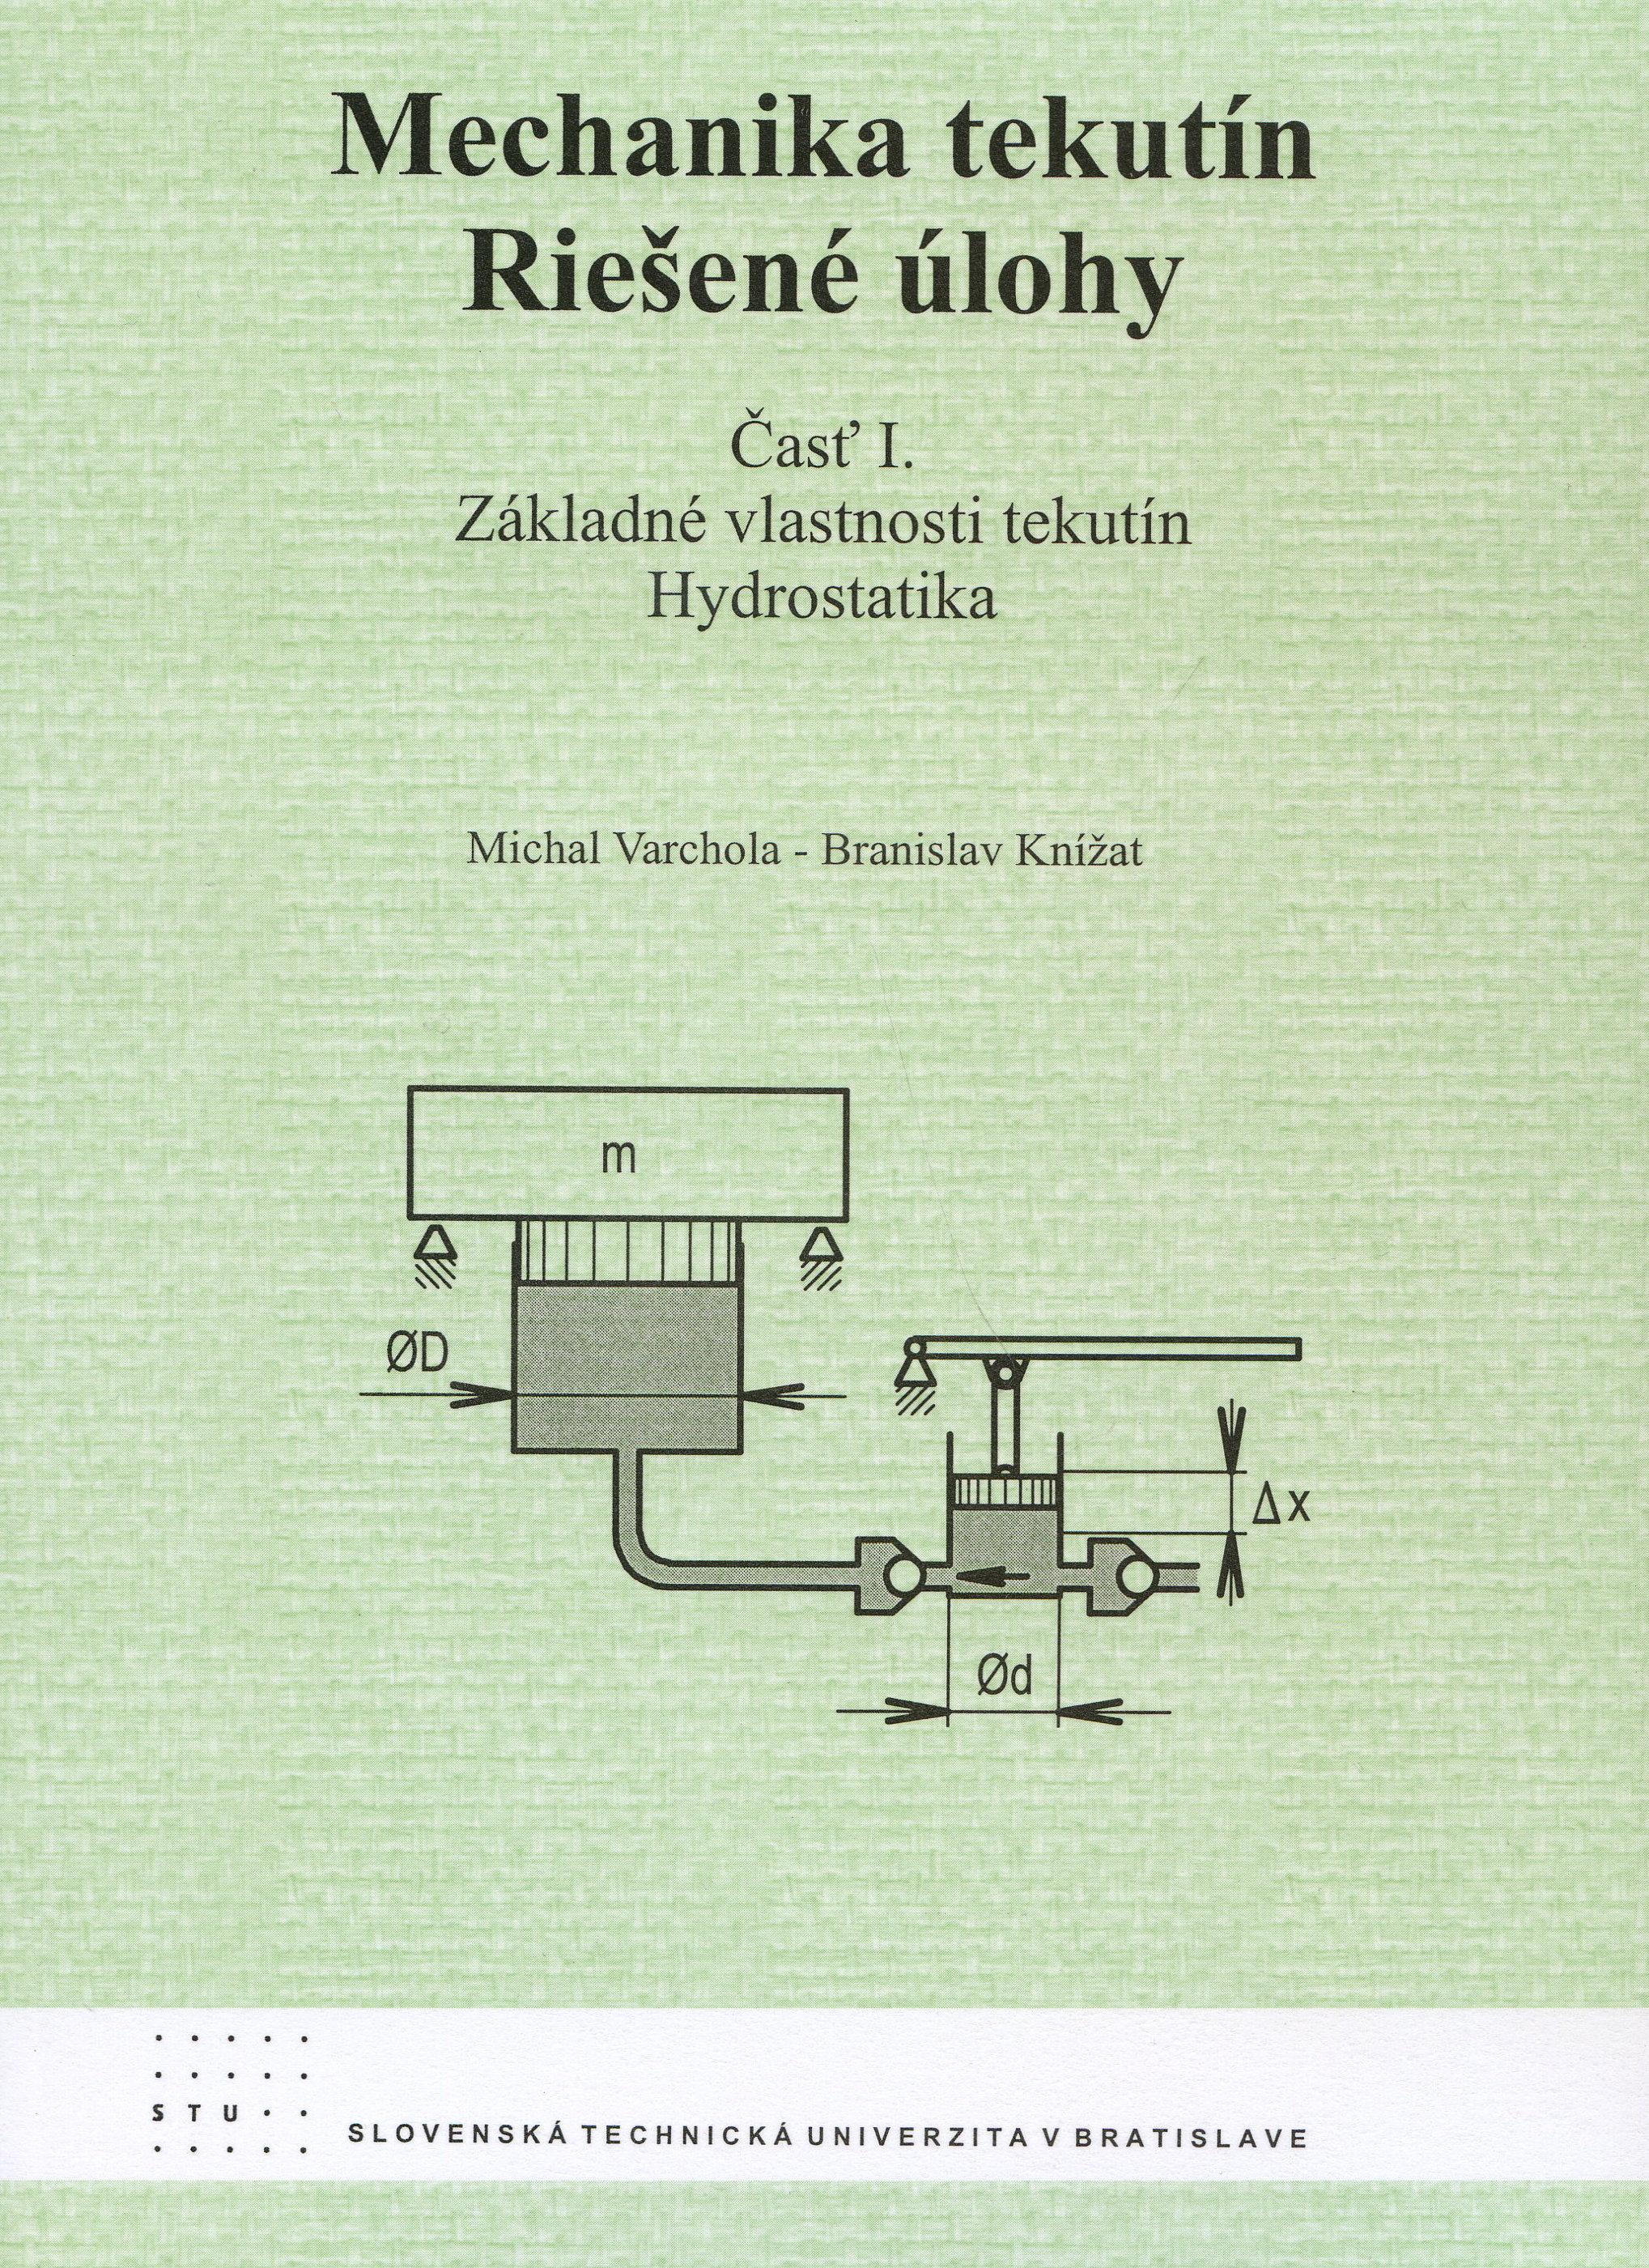 Mechanika tekutín - Riešené príklady 1. časť